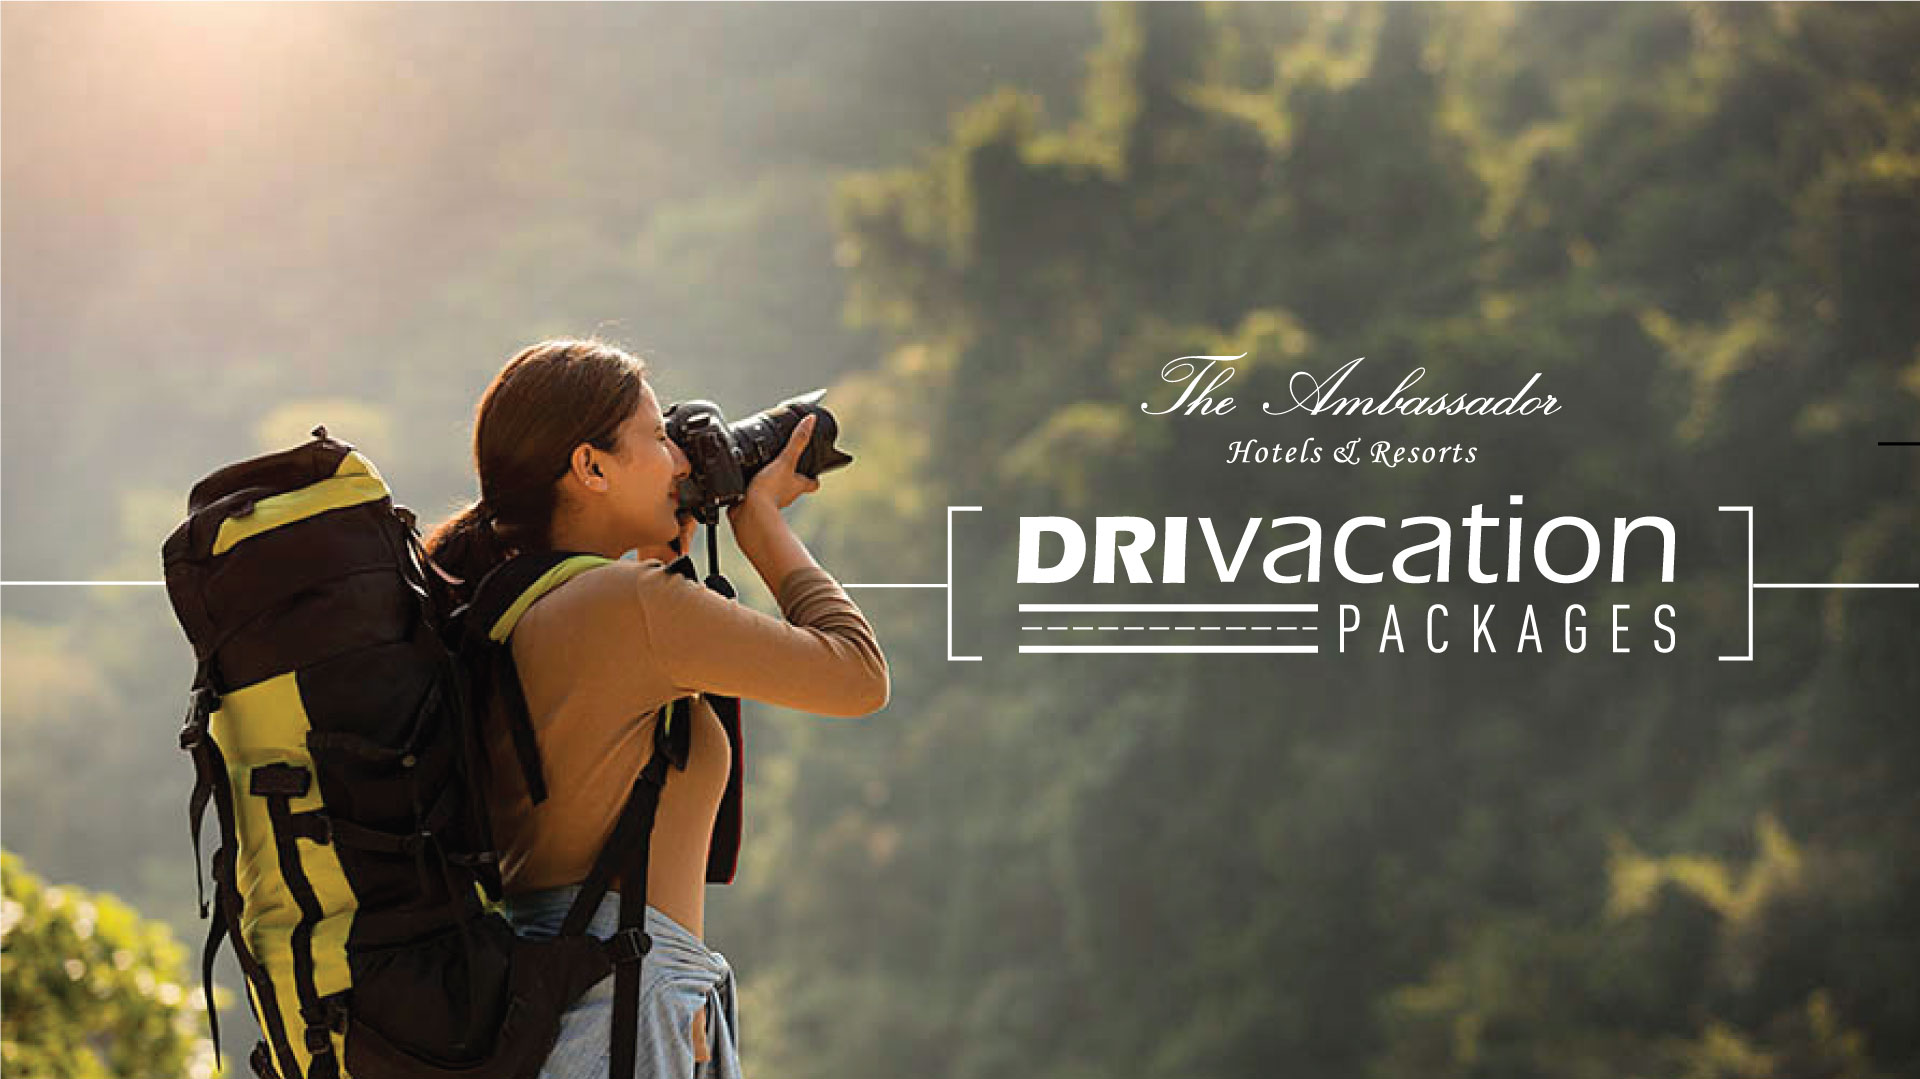 Staycation aurangabad - The Ambassador | Heritage Hotels in Mumbai, Aurangabad, Chennai - Drivecation - Staycation Package